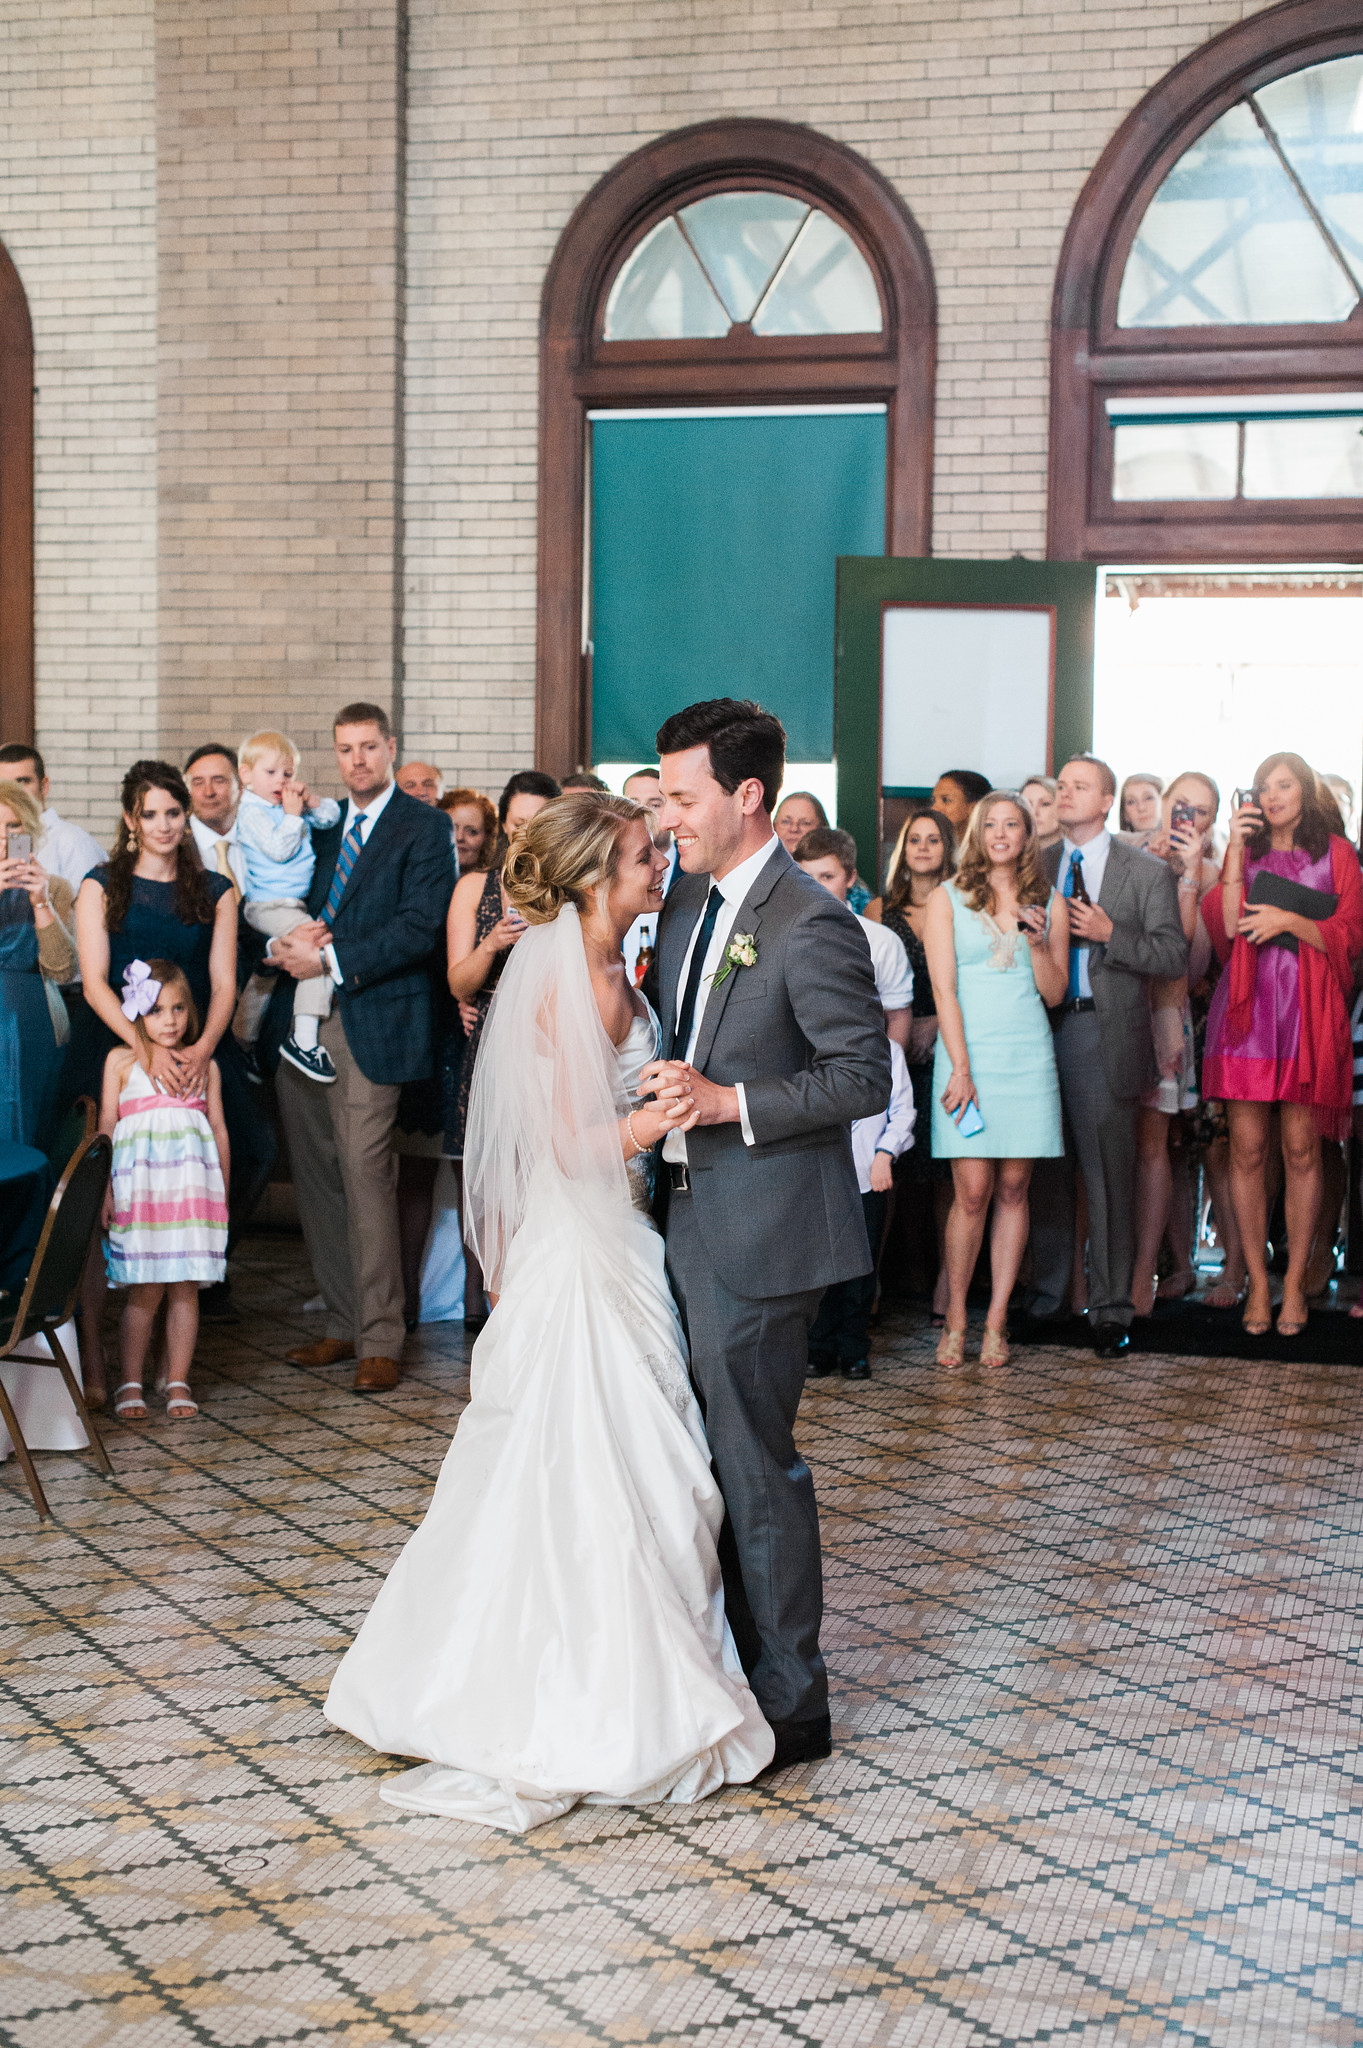 ernst-wedding-368-X4.jpg